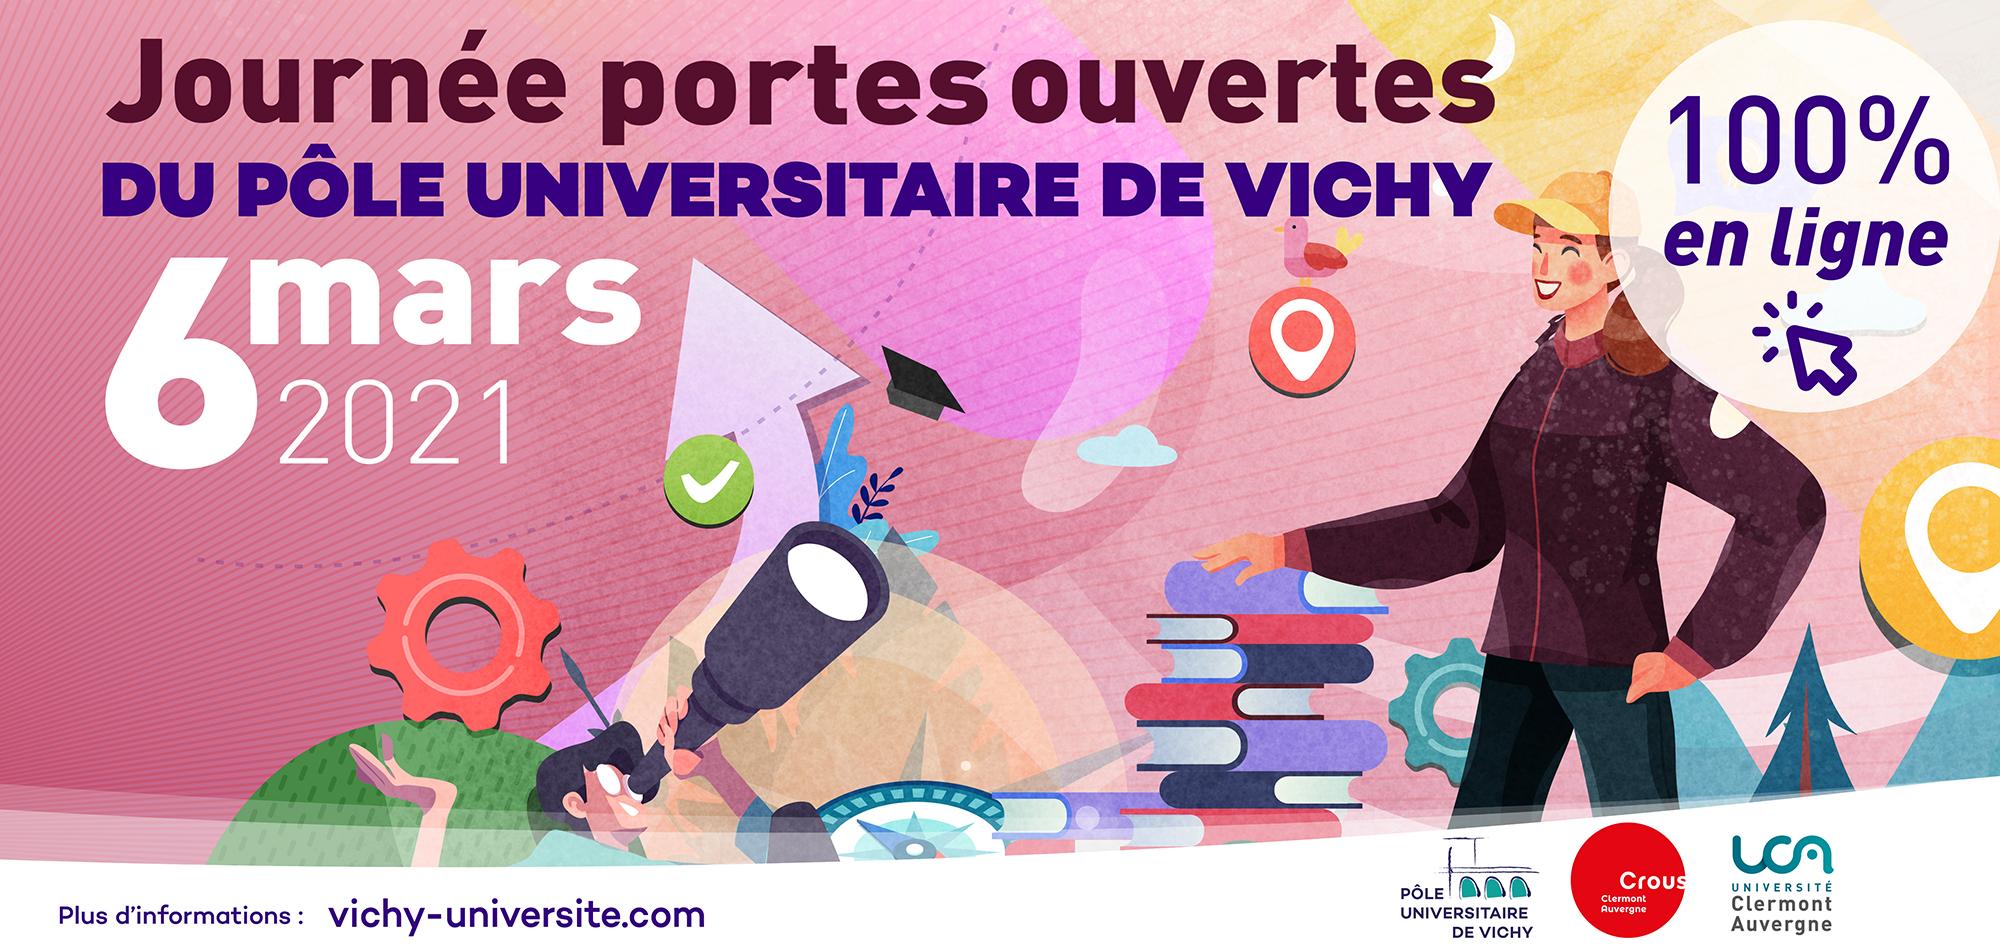 JPO Pôle Universitaire de Vichy - bannière